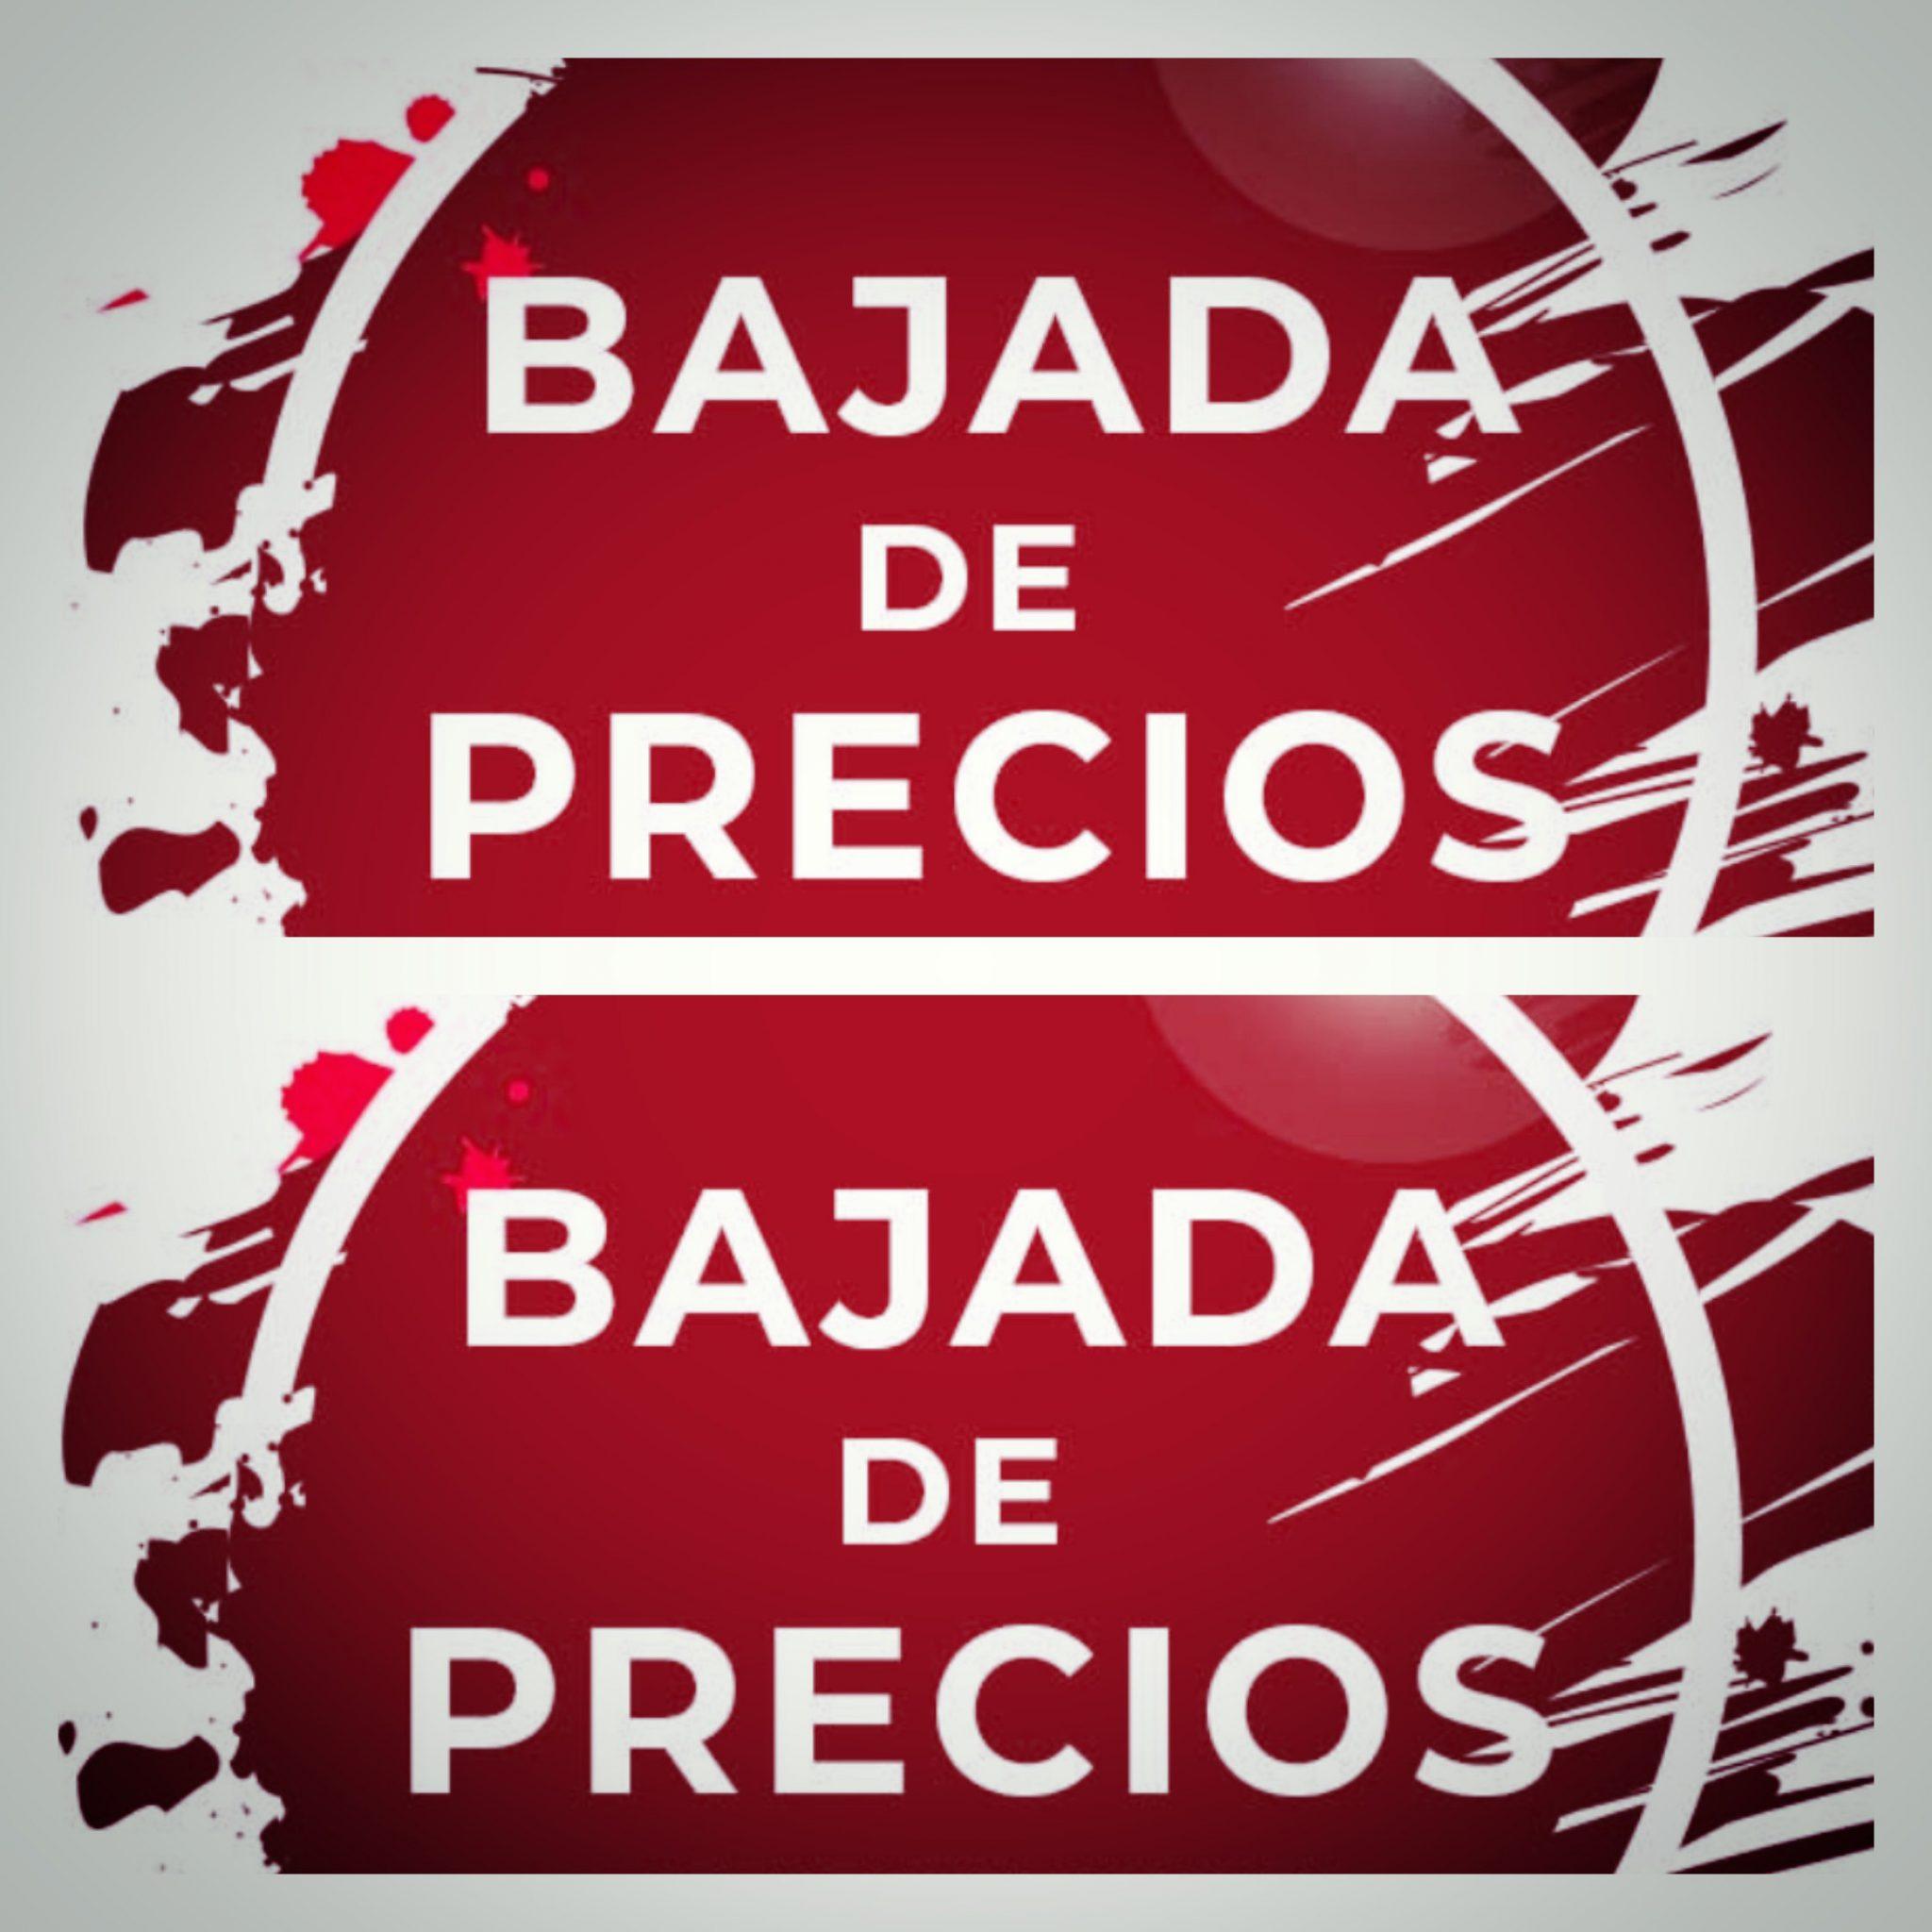 bajada_precios1